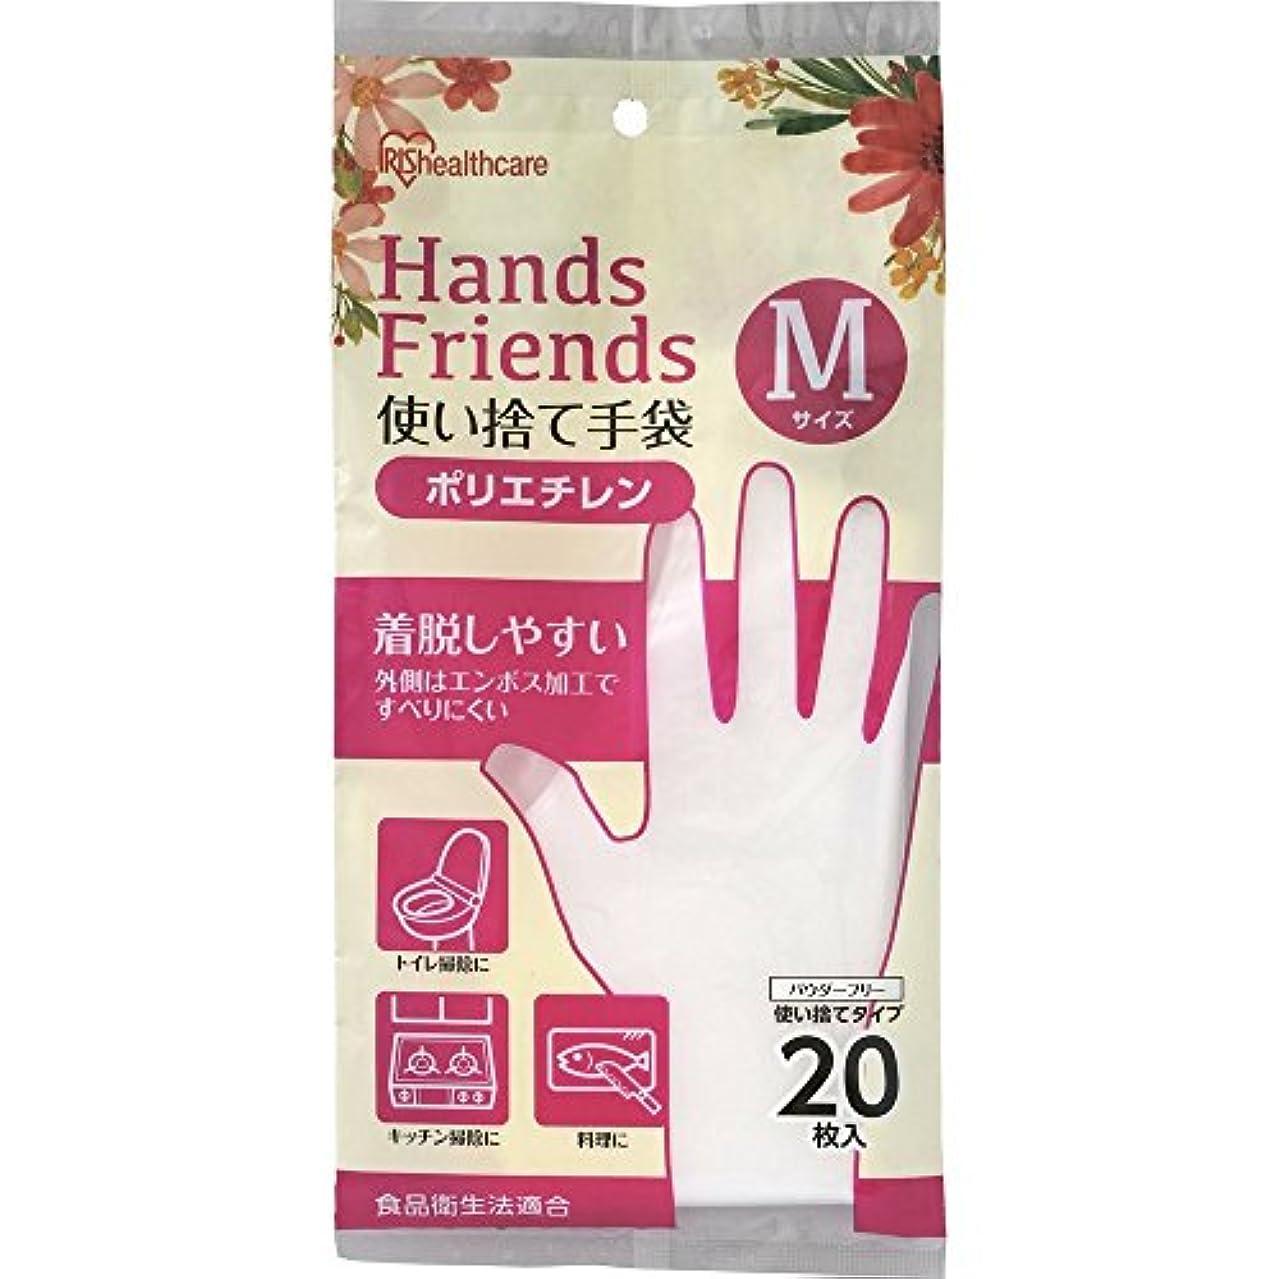 月曜日スクラップブックレタッチ使い捨て手袋 ポリエチレン手袋 Mサイズ 粉なし パウダーフリー クリア 20枚入